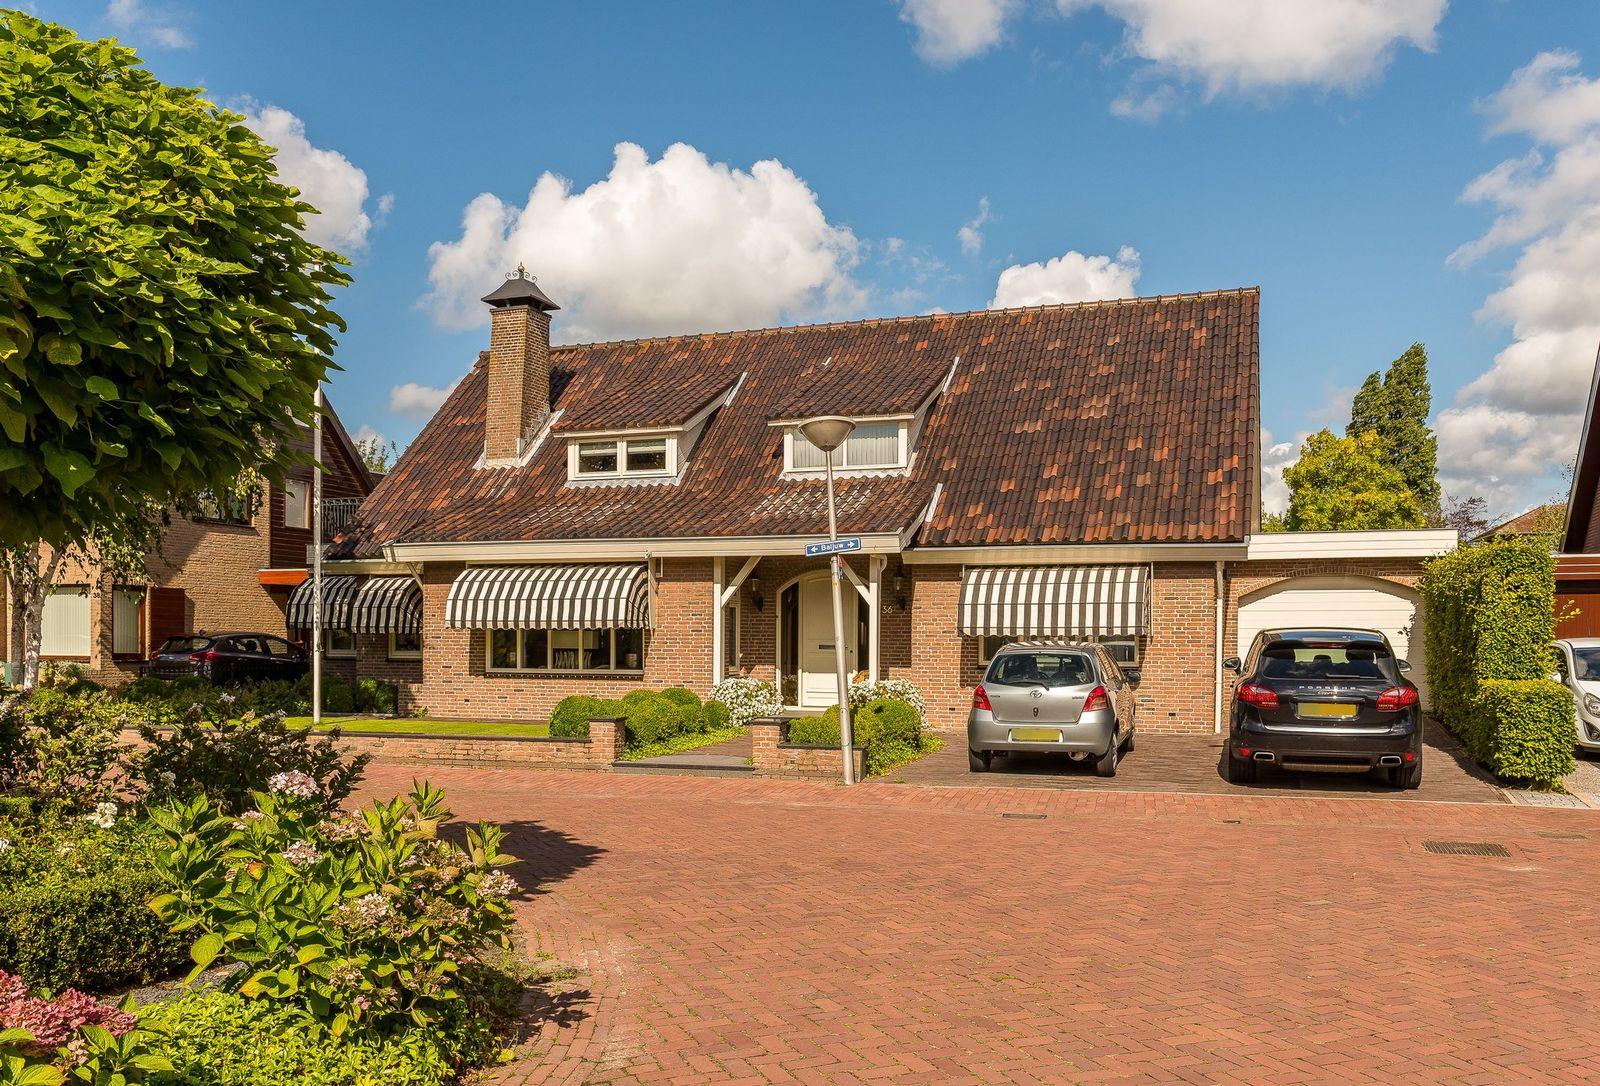 Baljuw, Naaldwijk